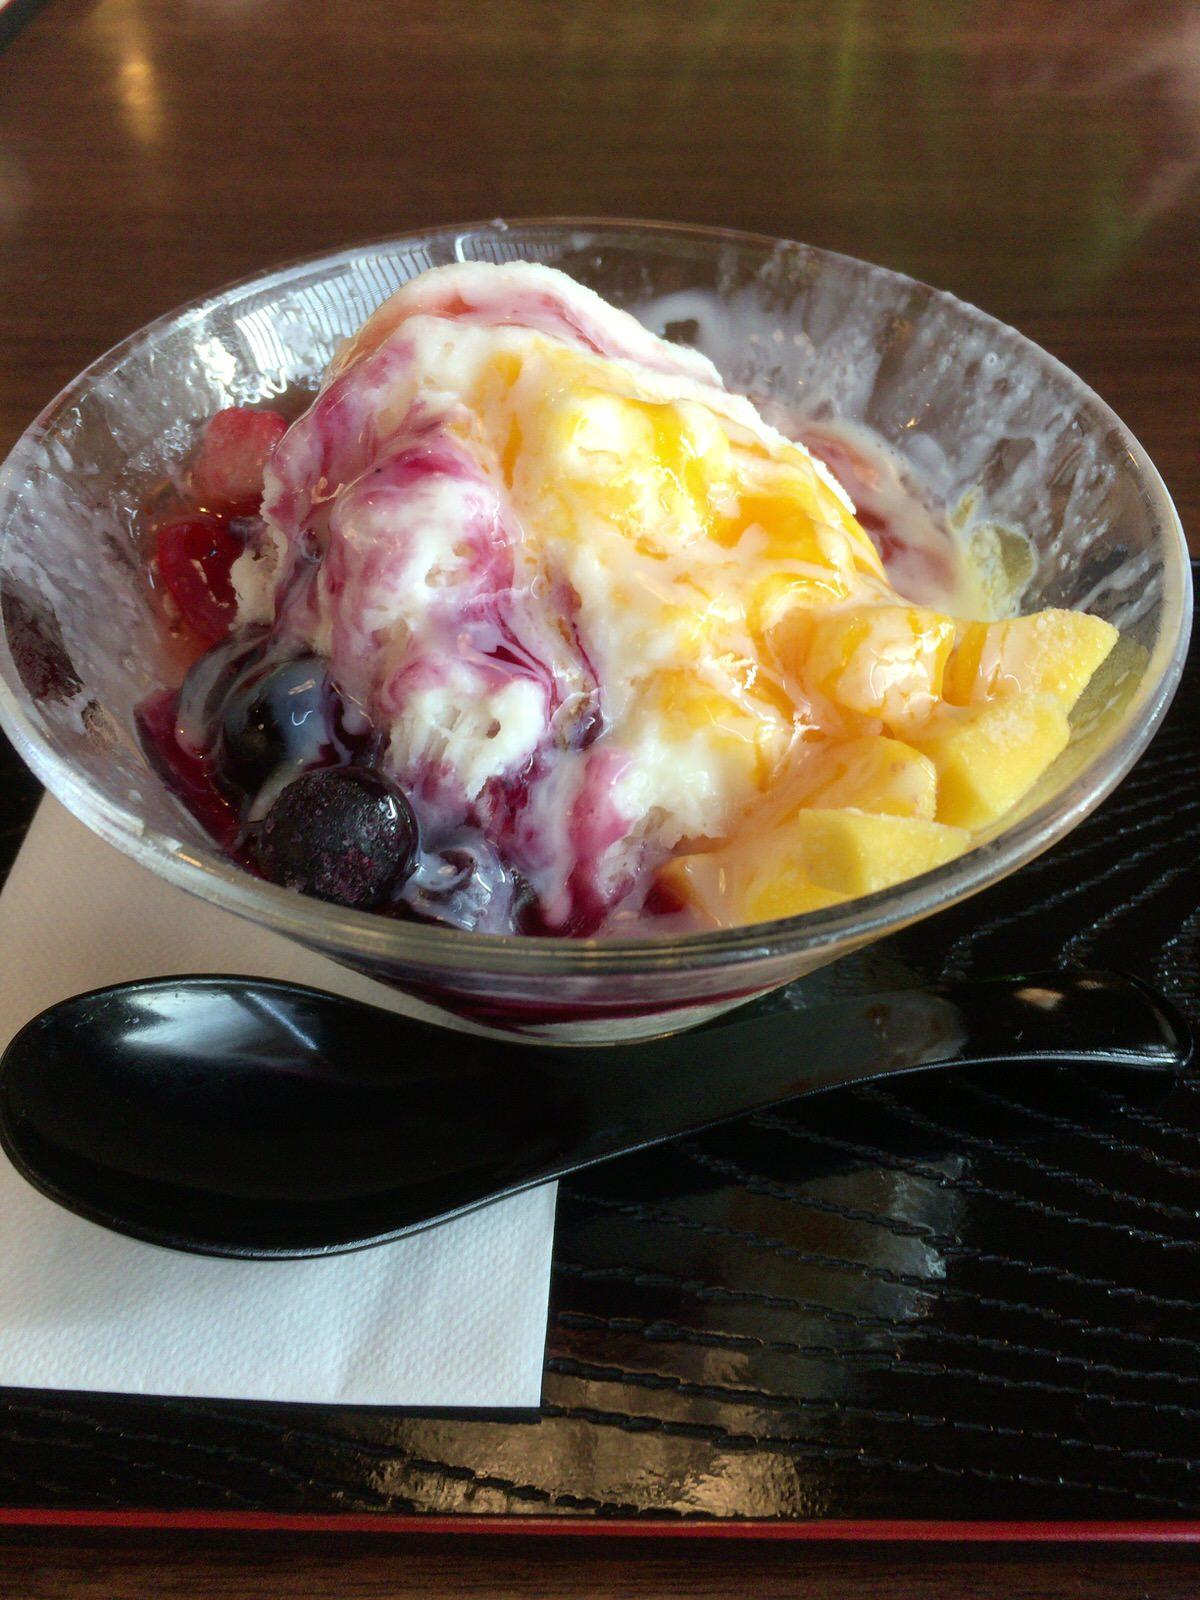 「湯元 小金湯」札幌で台湾かき氷が食べたい!!湯上がりに、フルーツの沢山乗った、ひんやりかき氷がベストマッチ。【札幌 南区】